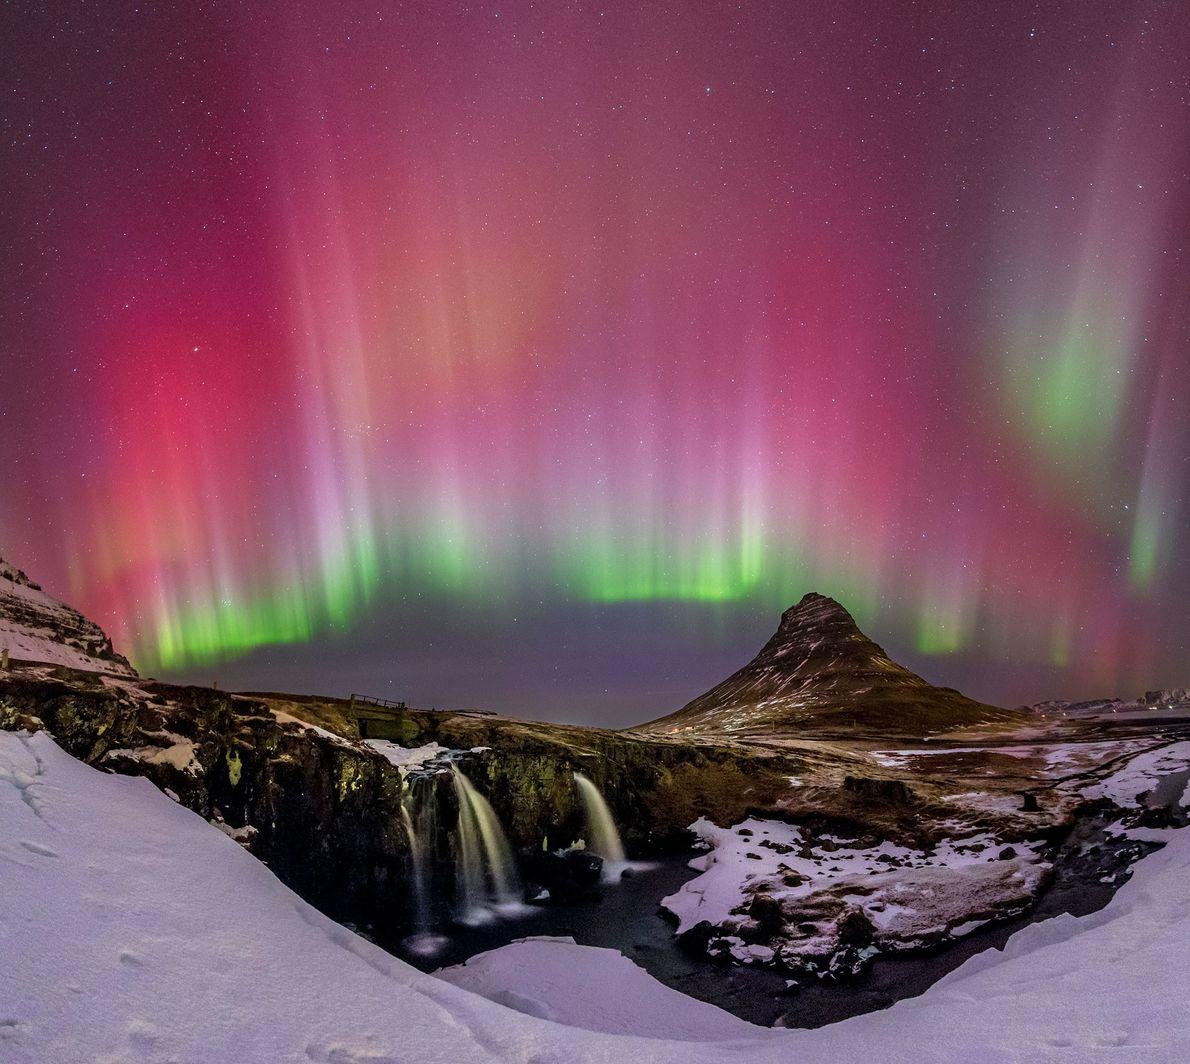 Una vista nocturna de una cascada en Islandia, resaltada por la aurora boreal.